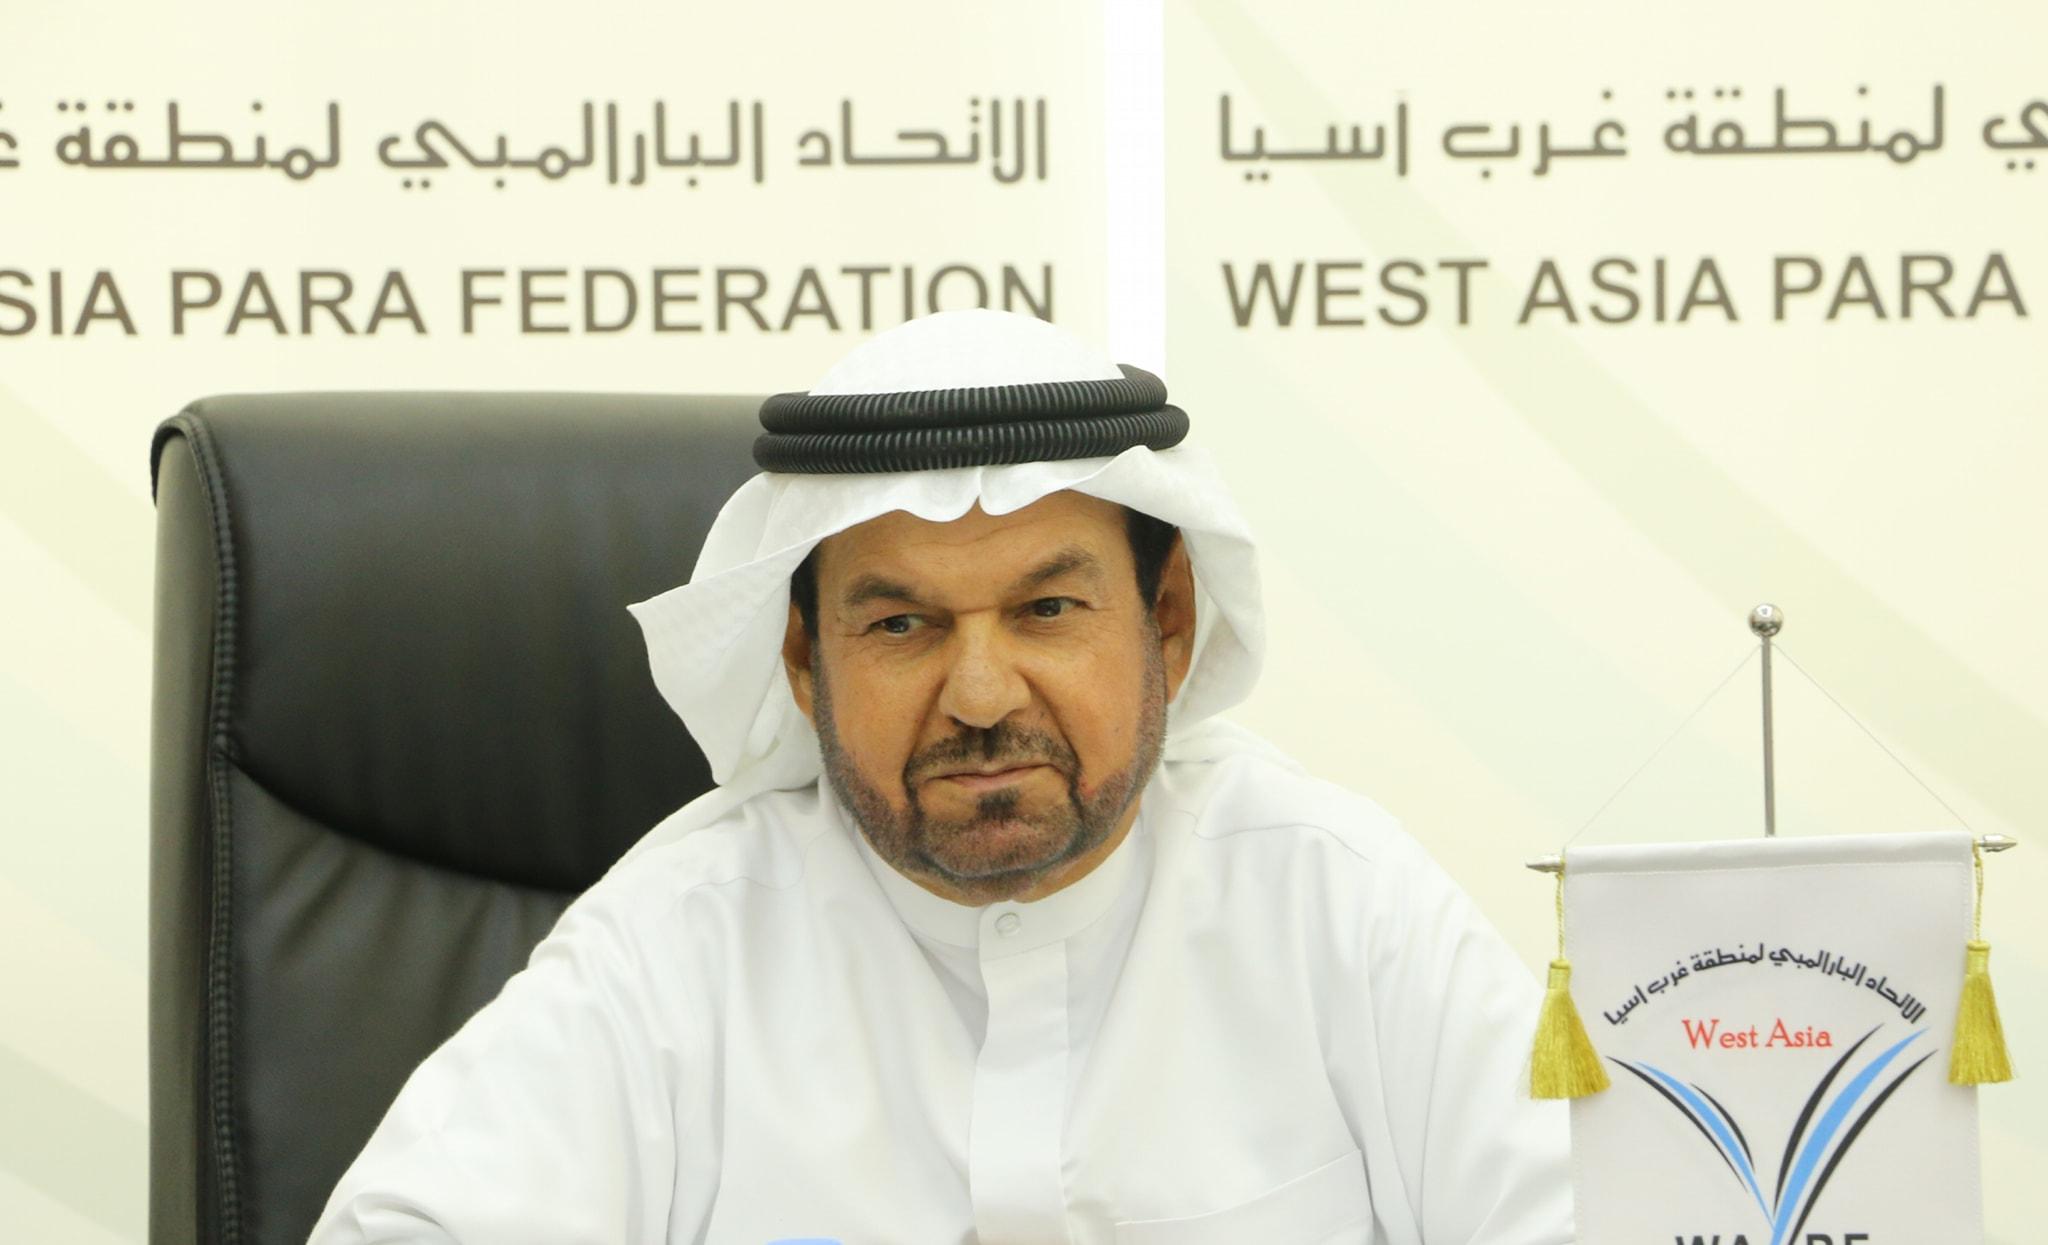 اتحاد غرب آسيا يستقبل ممثلي دول المنطقة المشاركون في الشارقة